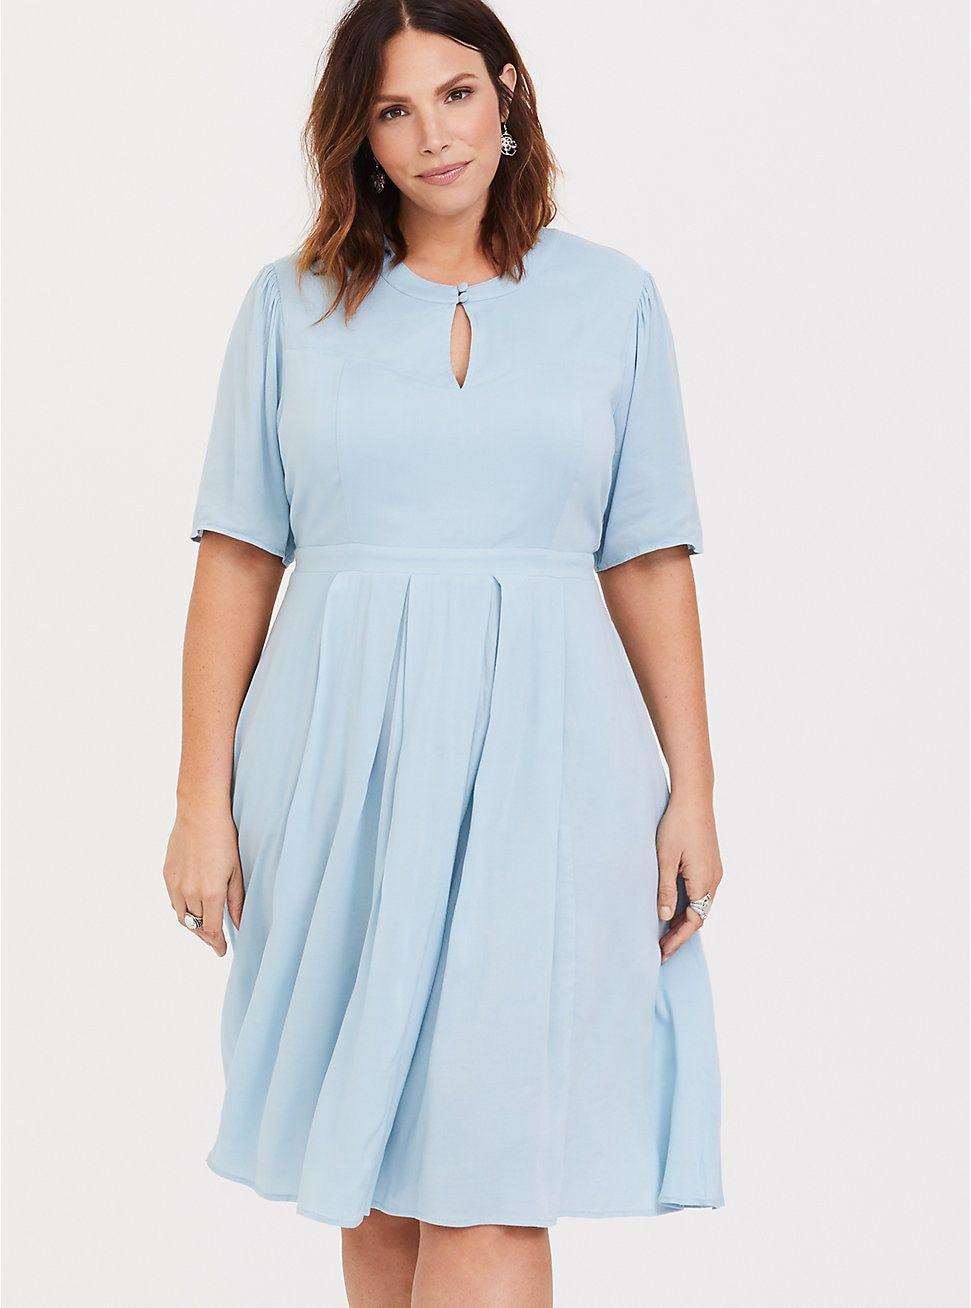 Outlander Blue Claire Skater Dress | Blue plus size dresses ...